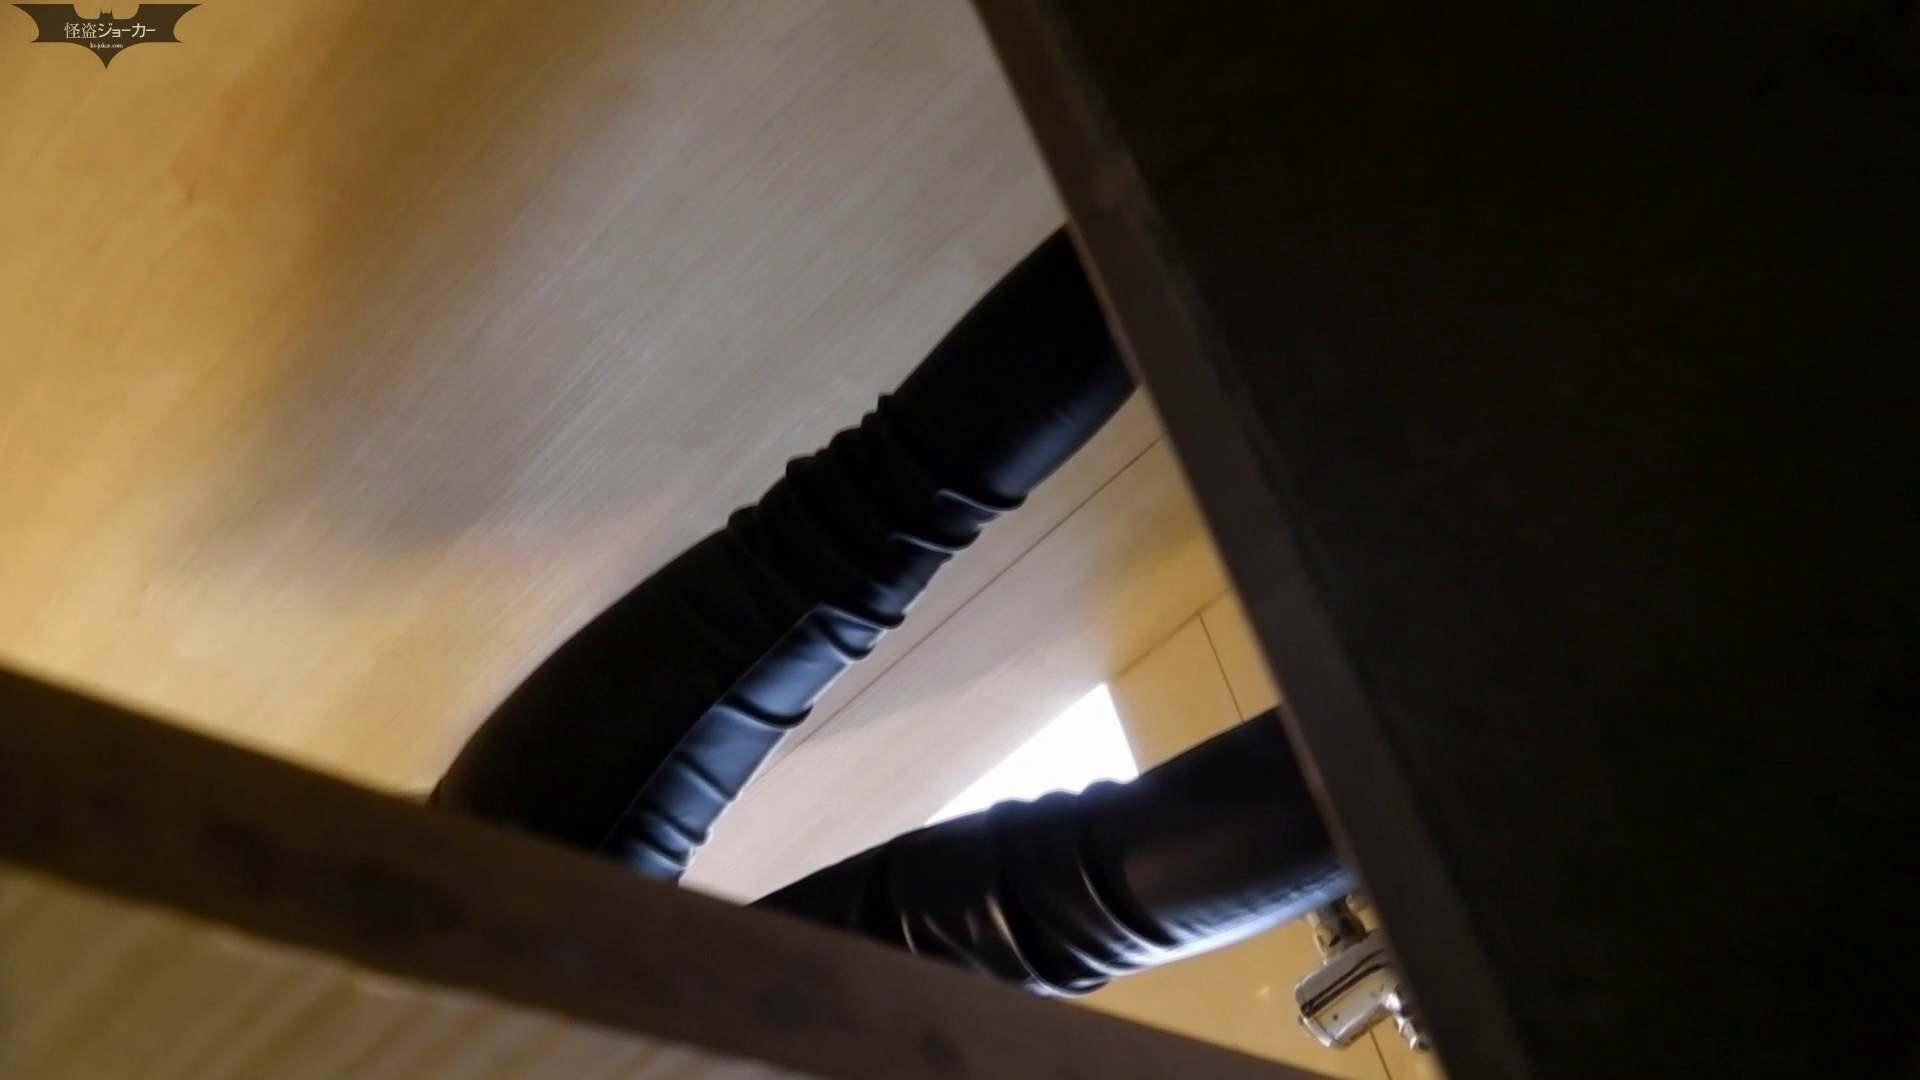 阿国ちゃんの和式洋式七変化 Vol.25 ん?突起物が・・・。 丸見え セックス無修正動画無料 30画像 17